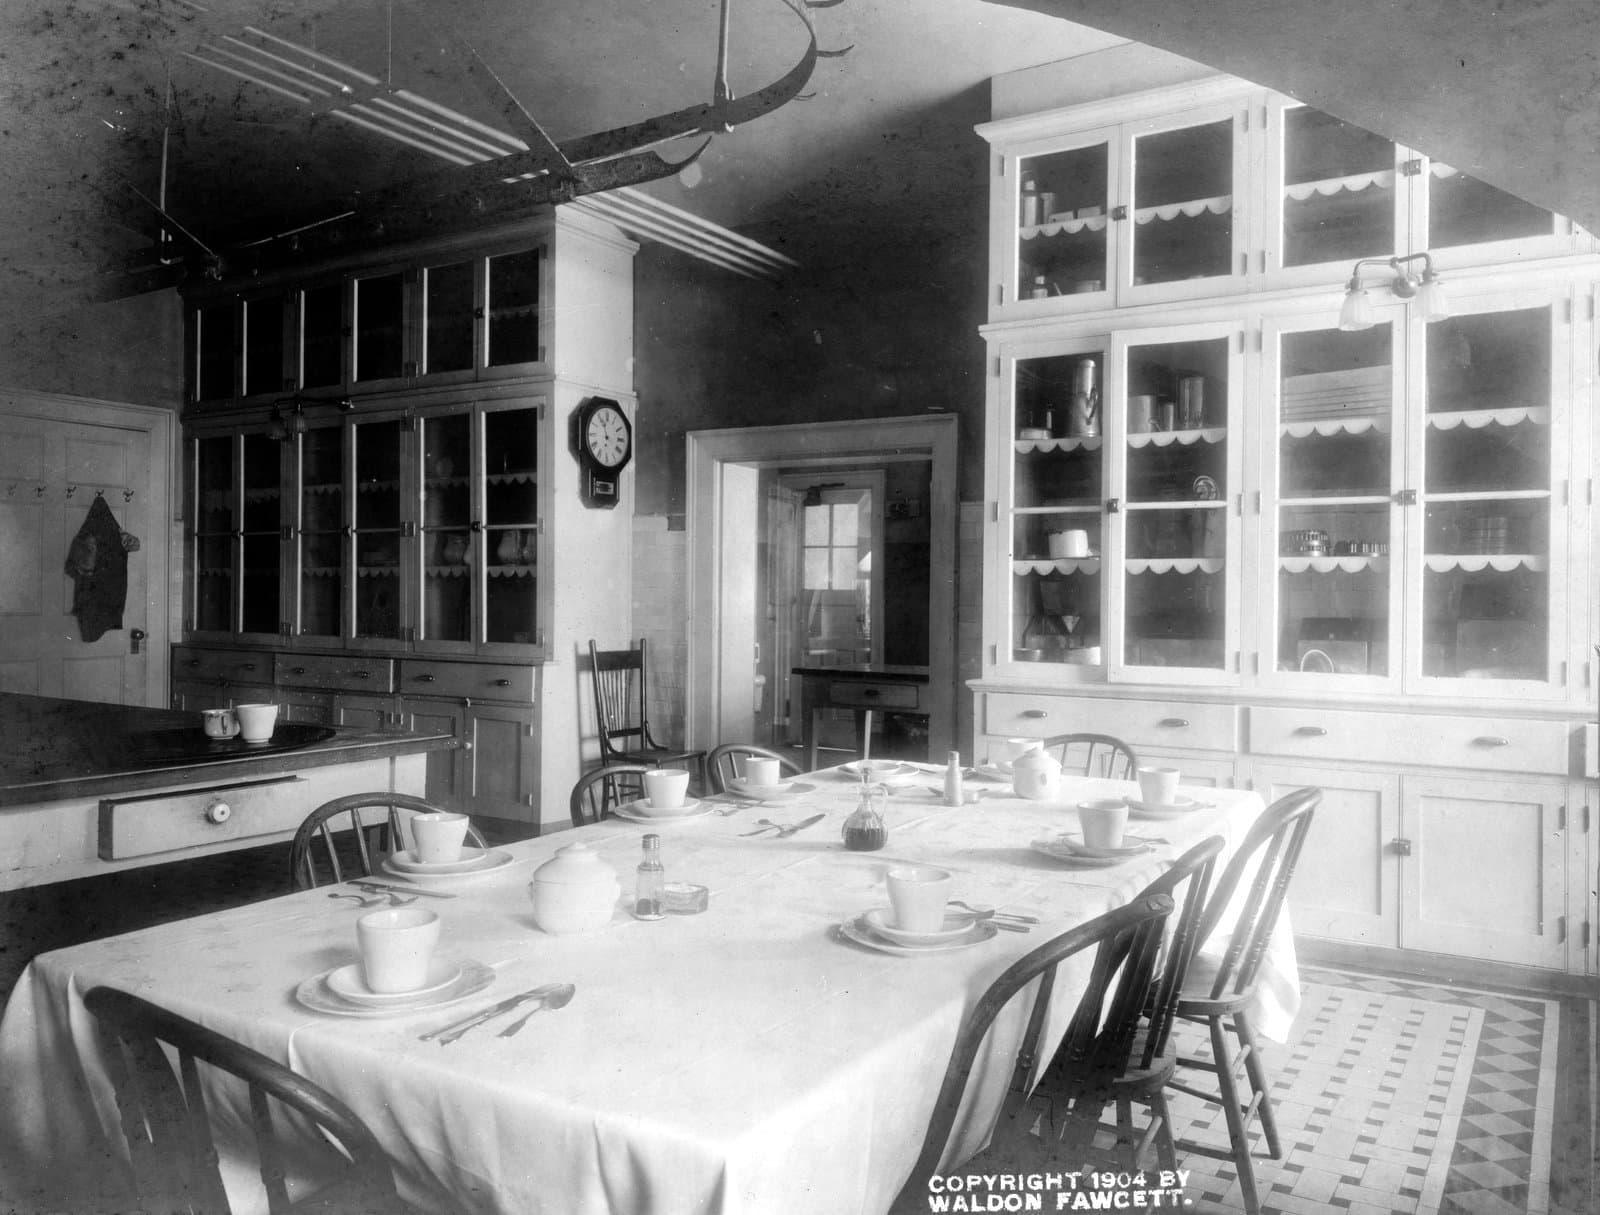 The White House kitchen (c1903)